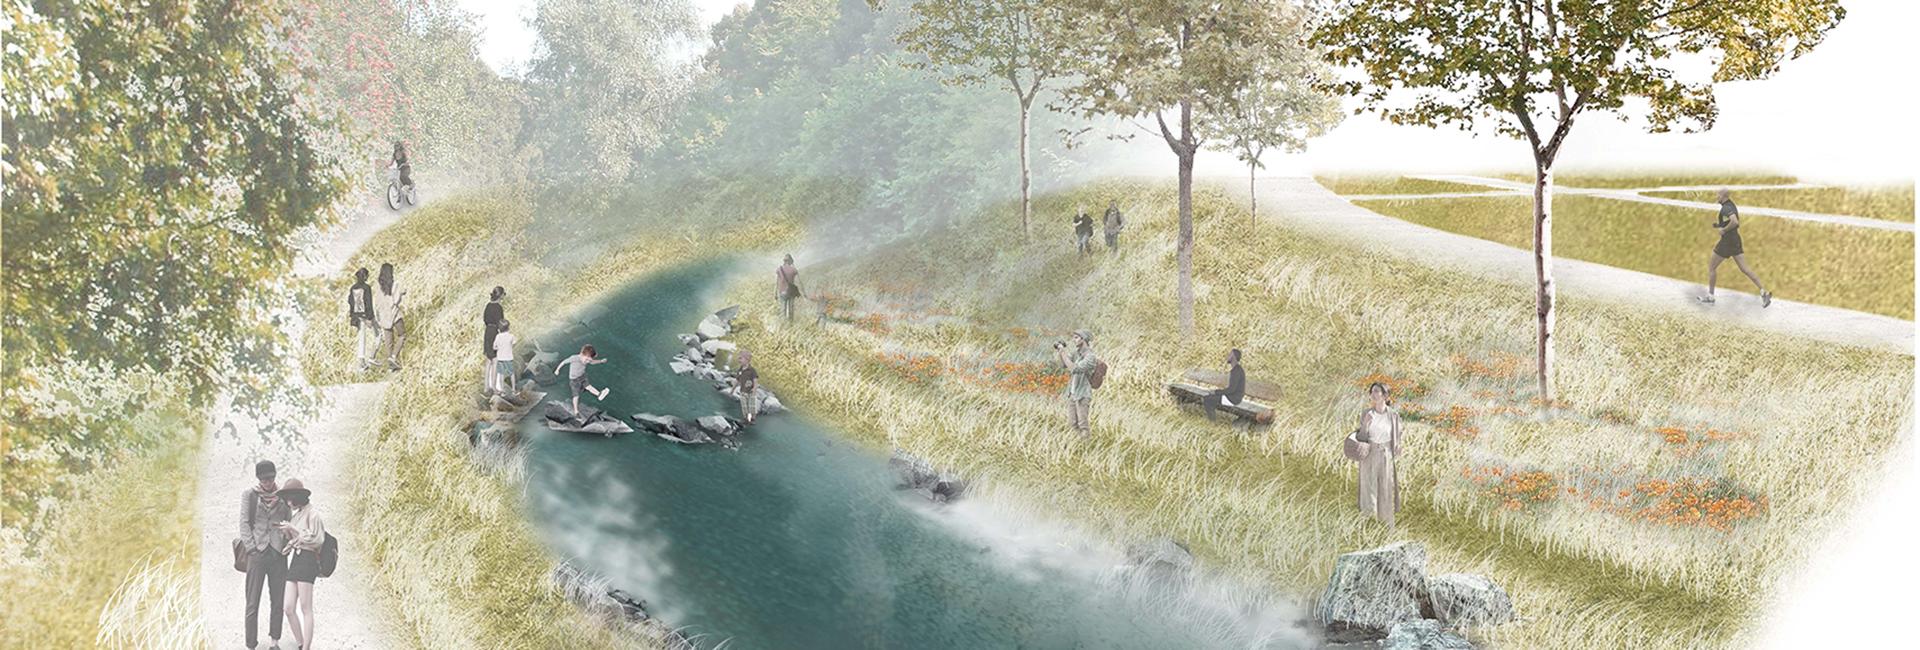 Zeichnung von einem Fluss mit Uferlandschaft, an der sich Menschen aufhalten